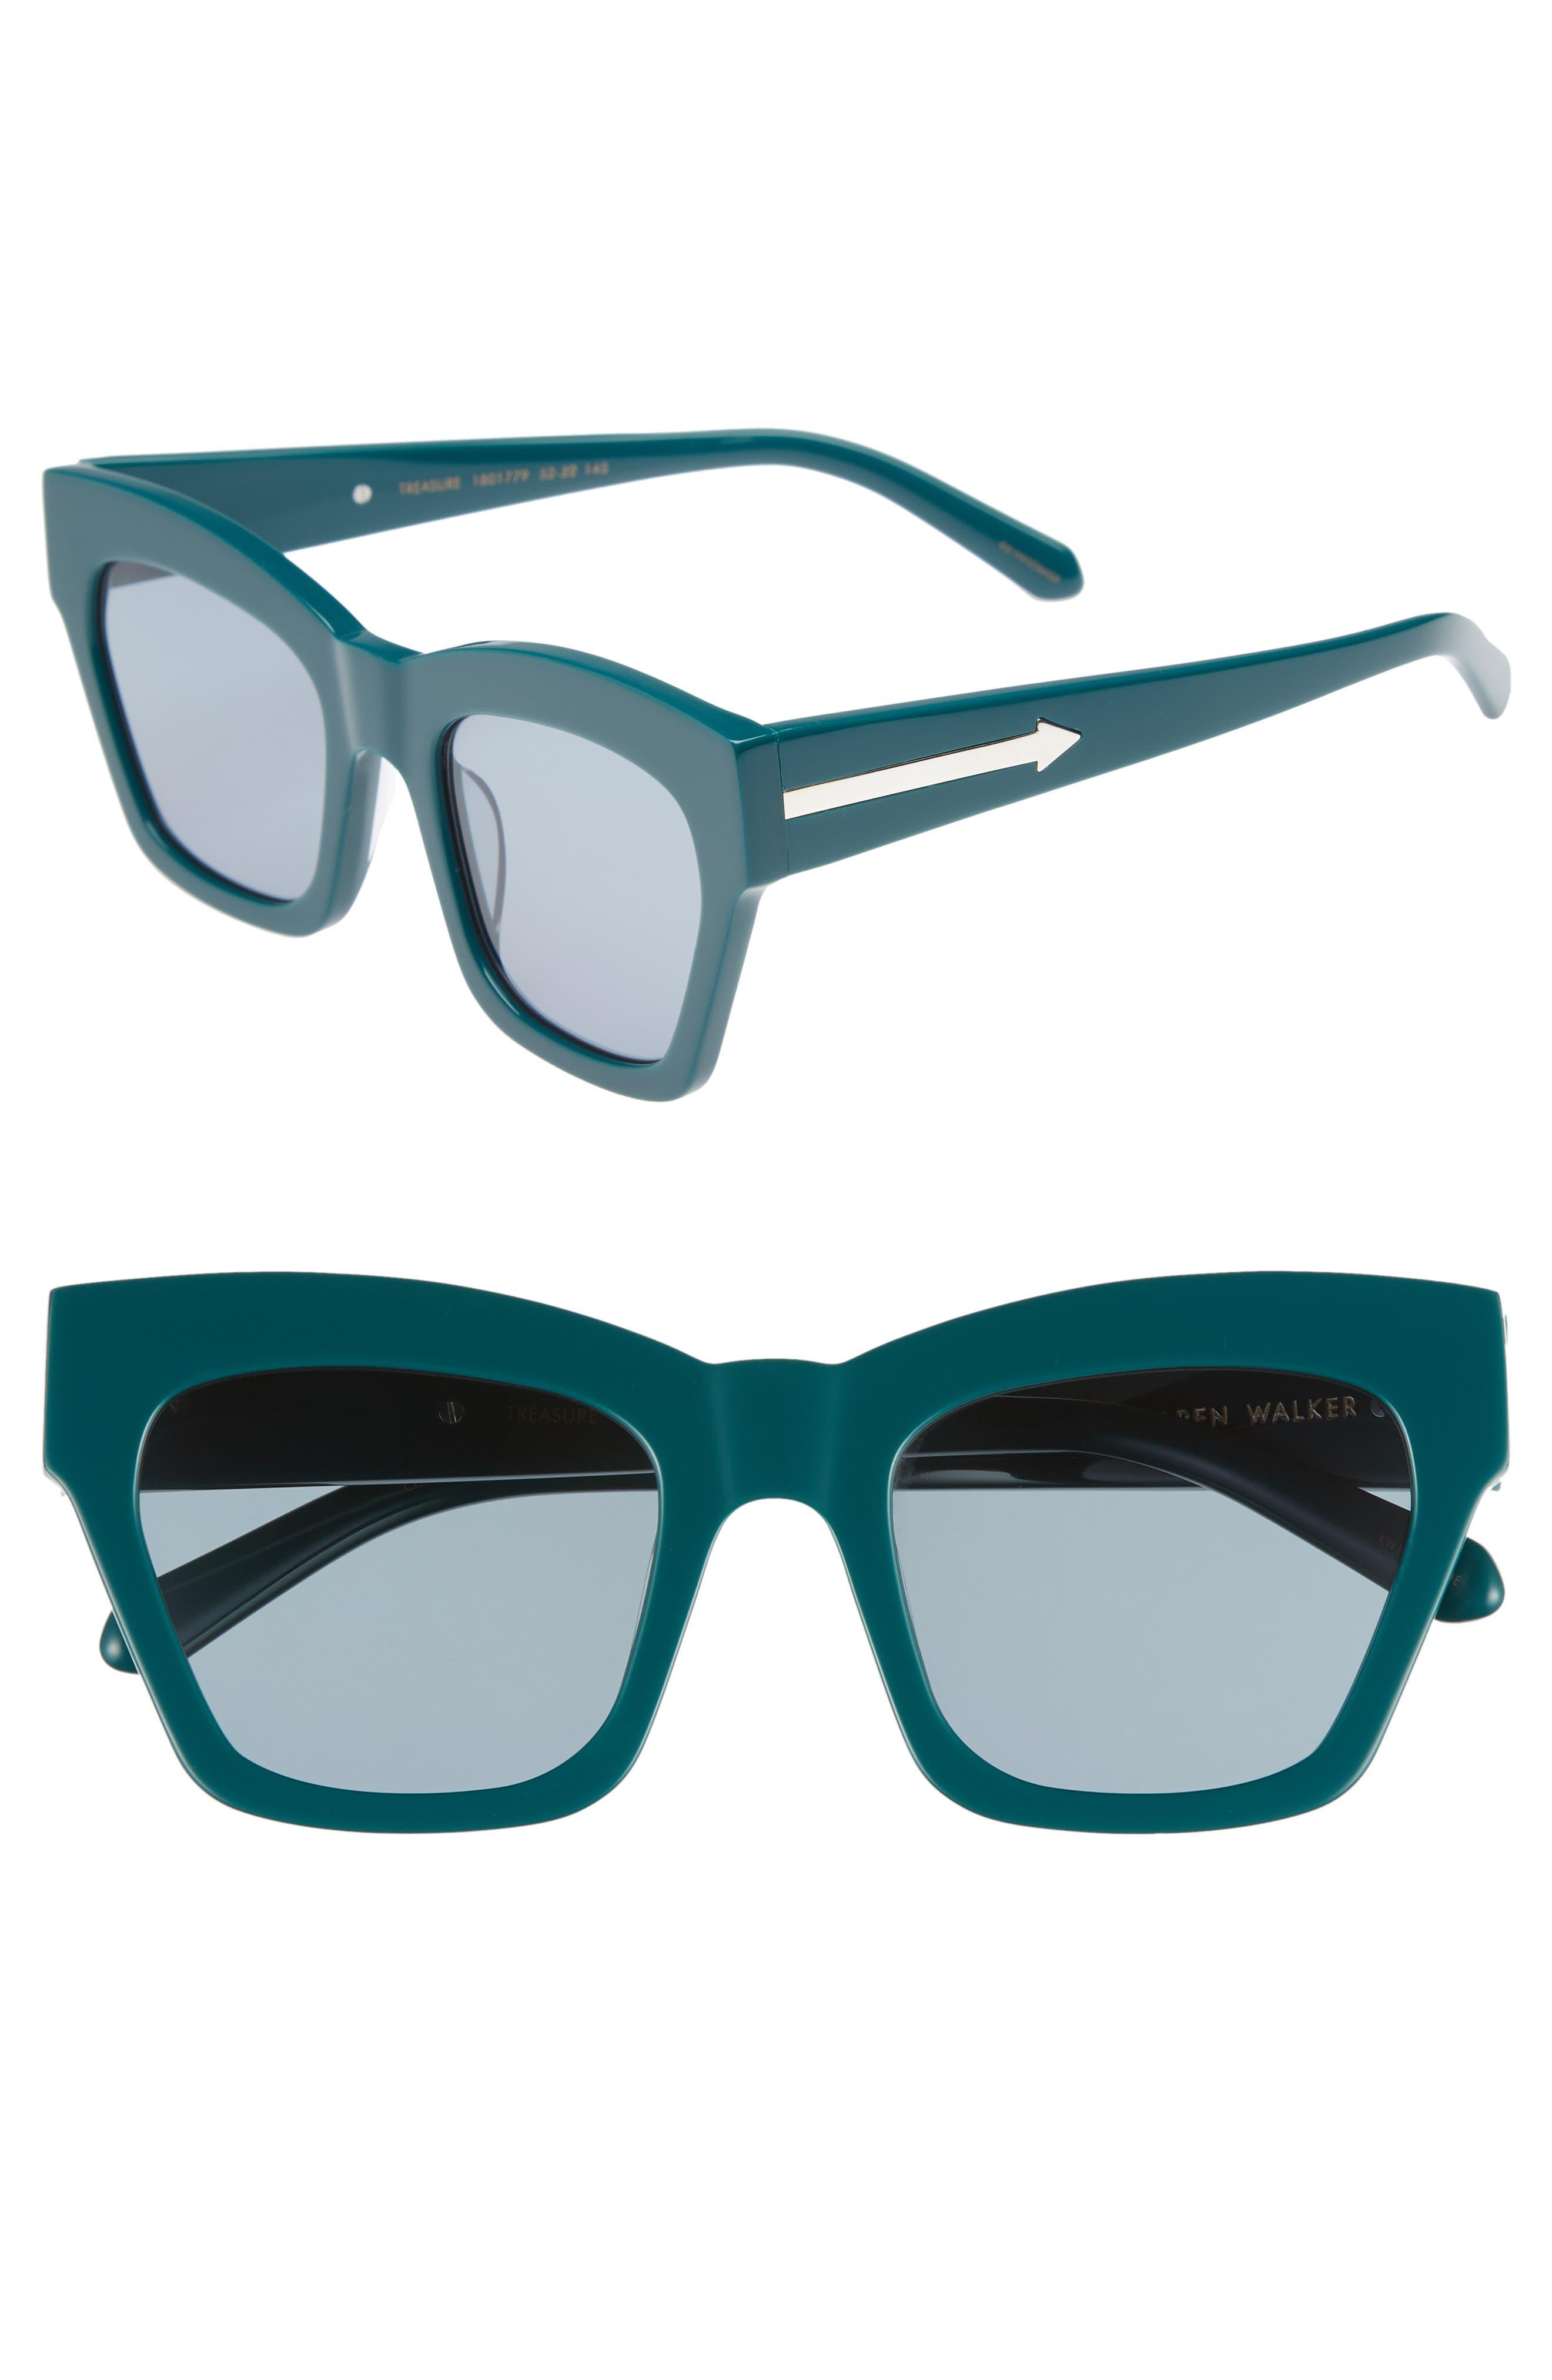 Treasure 52mm Cat Eye Sunglasses,                             Main thumbnail 1, color,                             EMERALD/ EMERALD